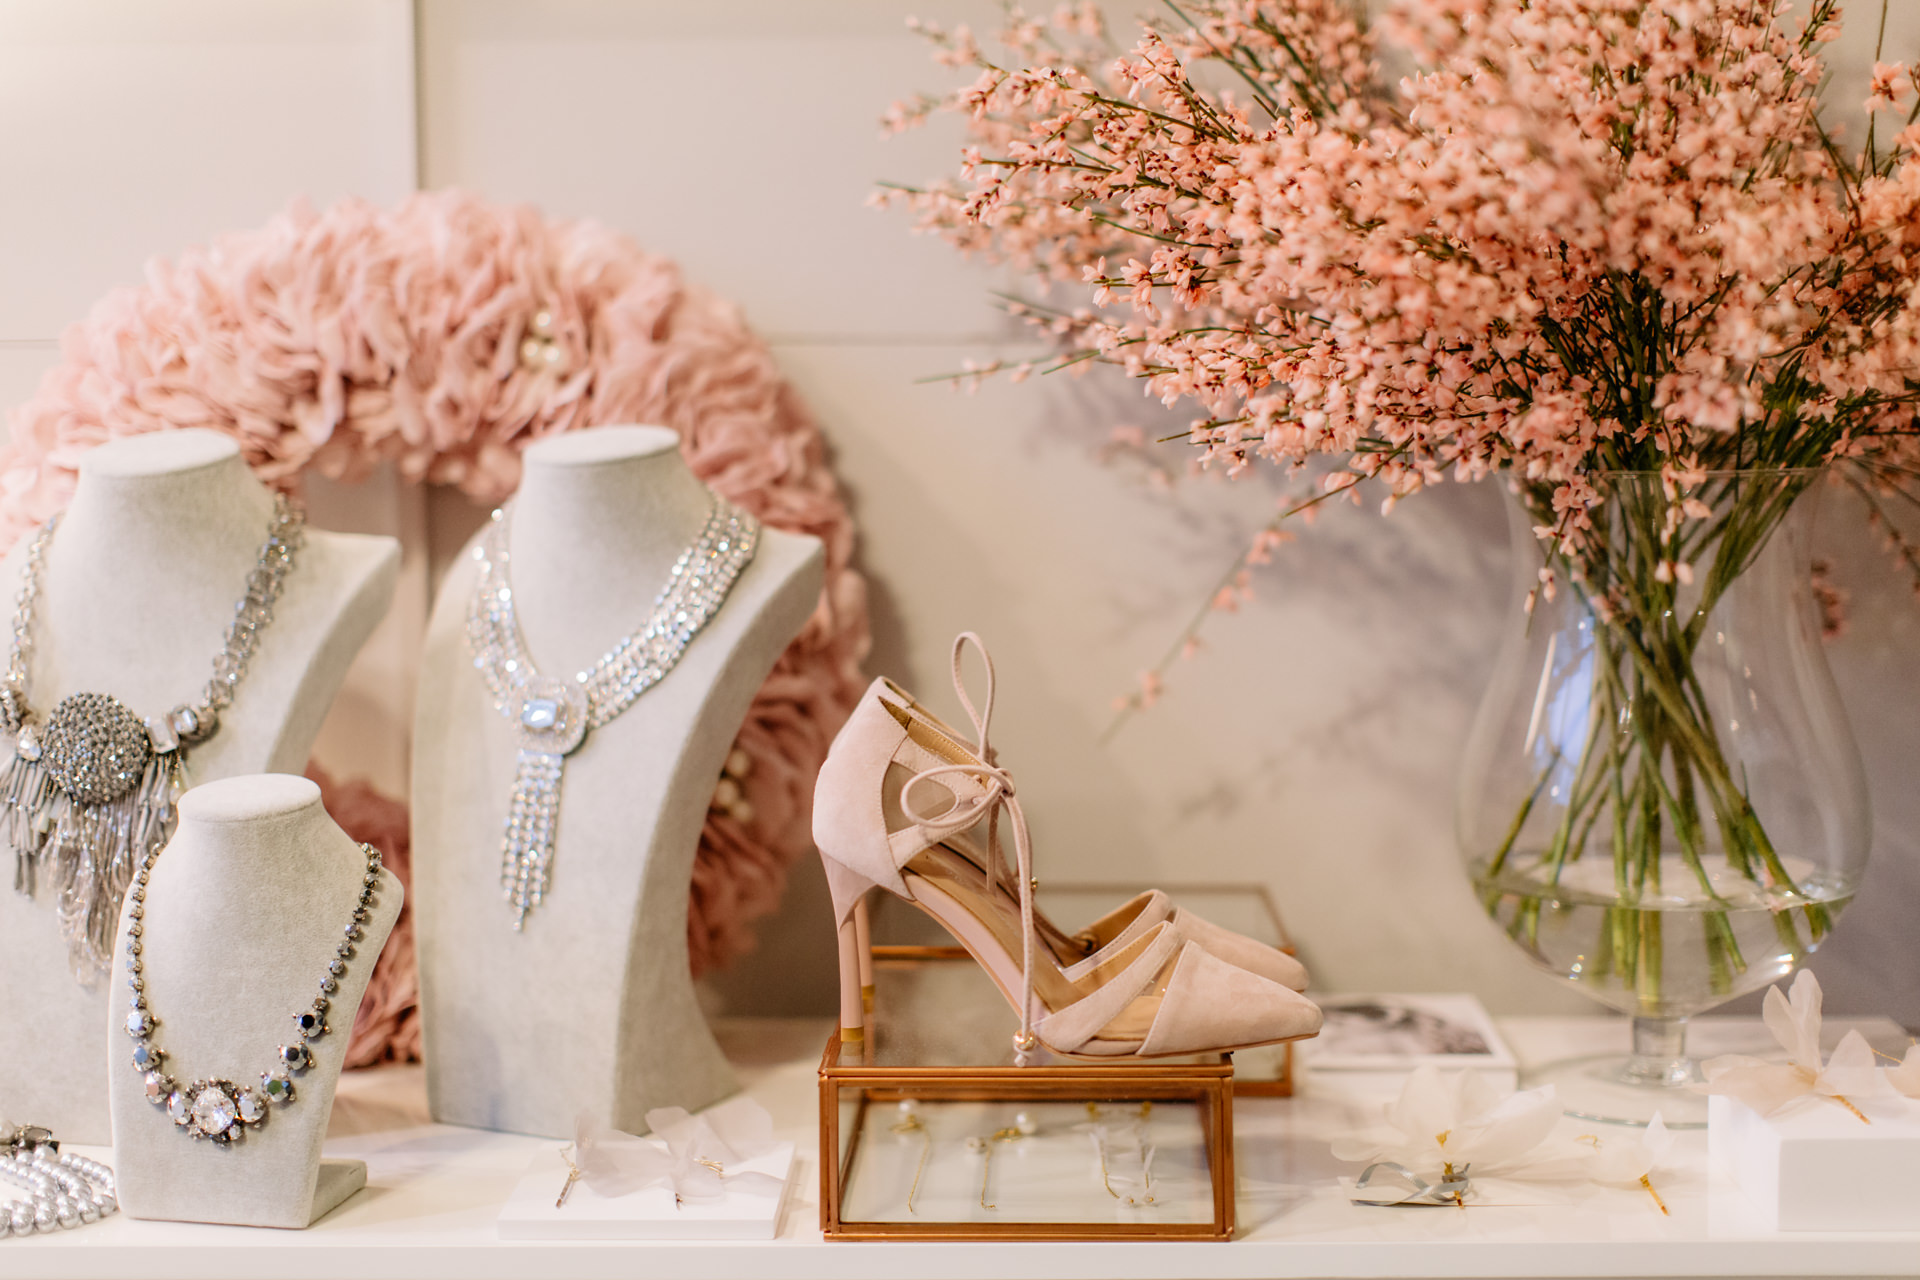 fotograf ślubny warszawa-buty ślubne